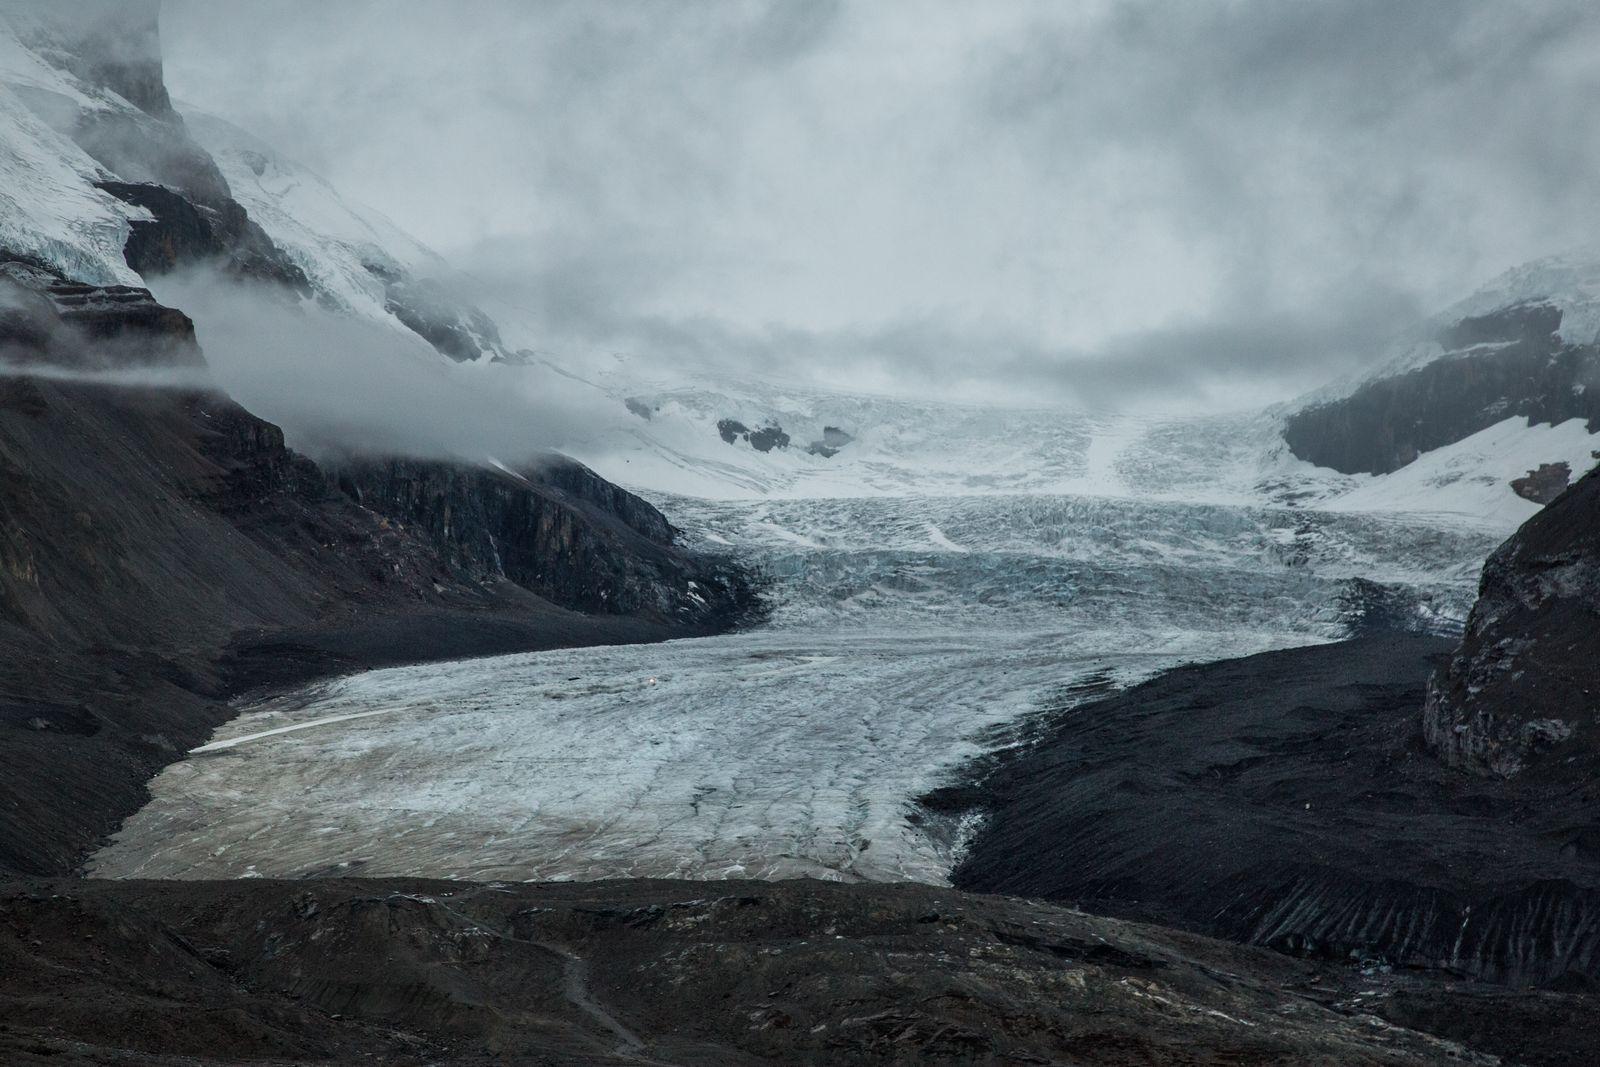 Aunque levemente, las nubes empiezan a permitir ver la lengua glaciar